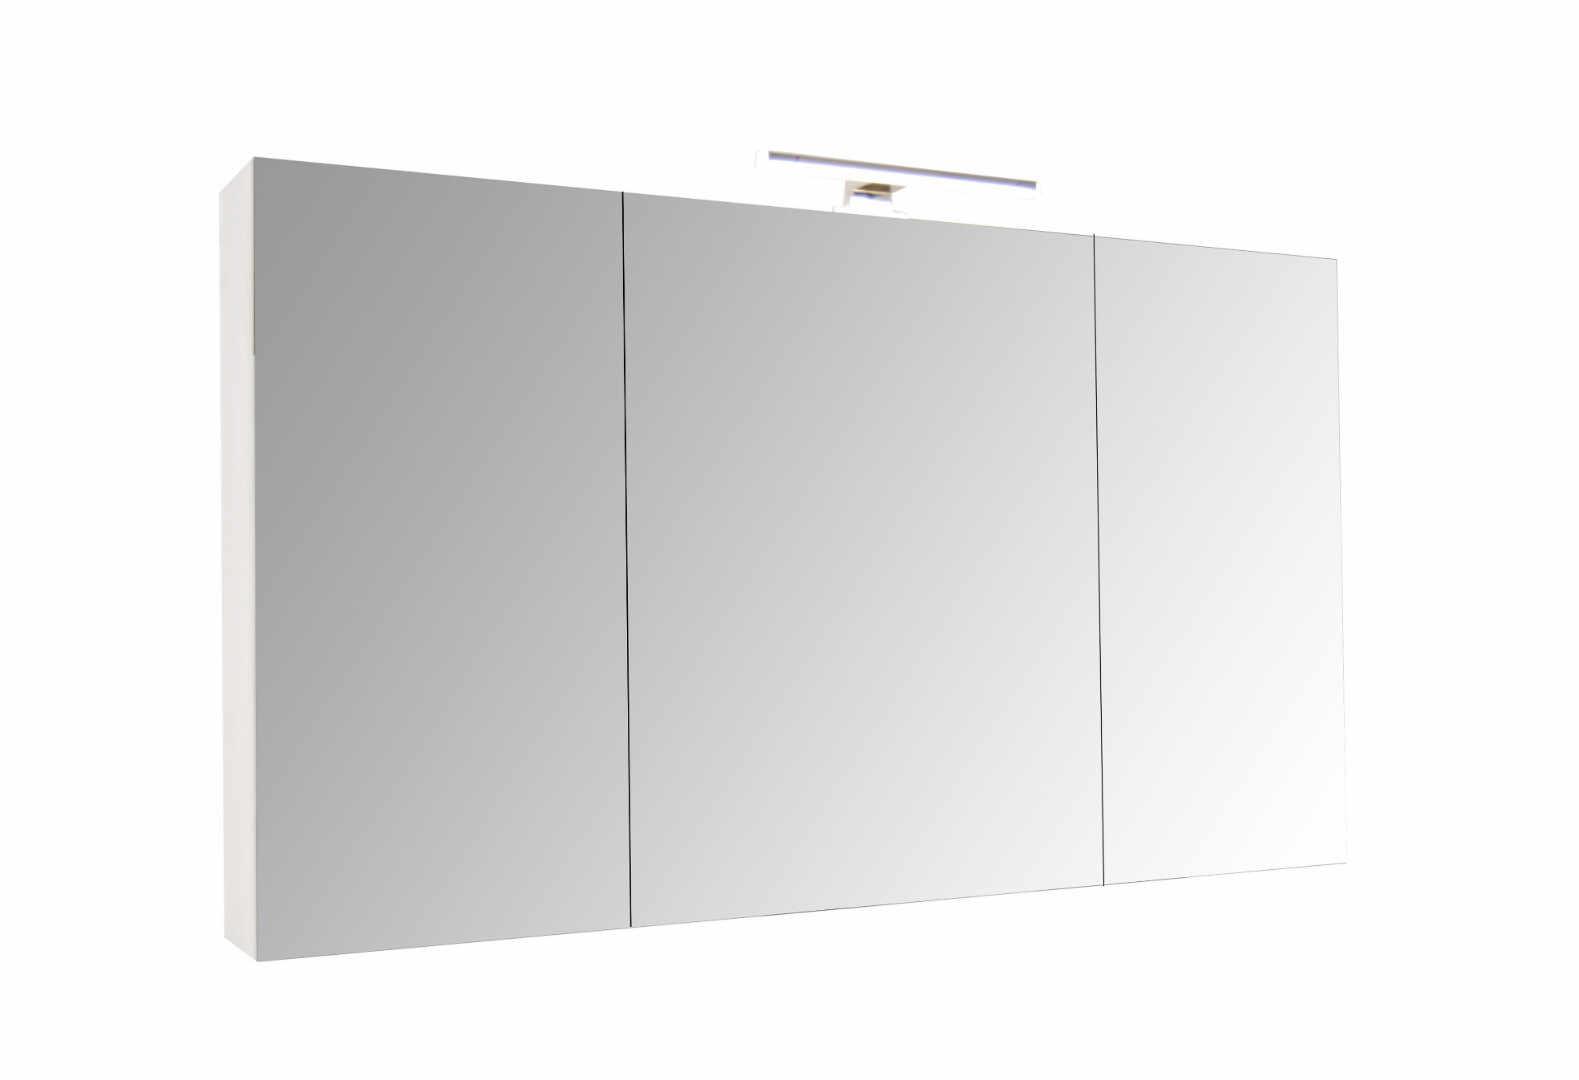 Oglinda baie cu dulap Celine - 120 cm la pret 549 lei